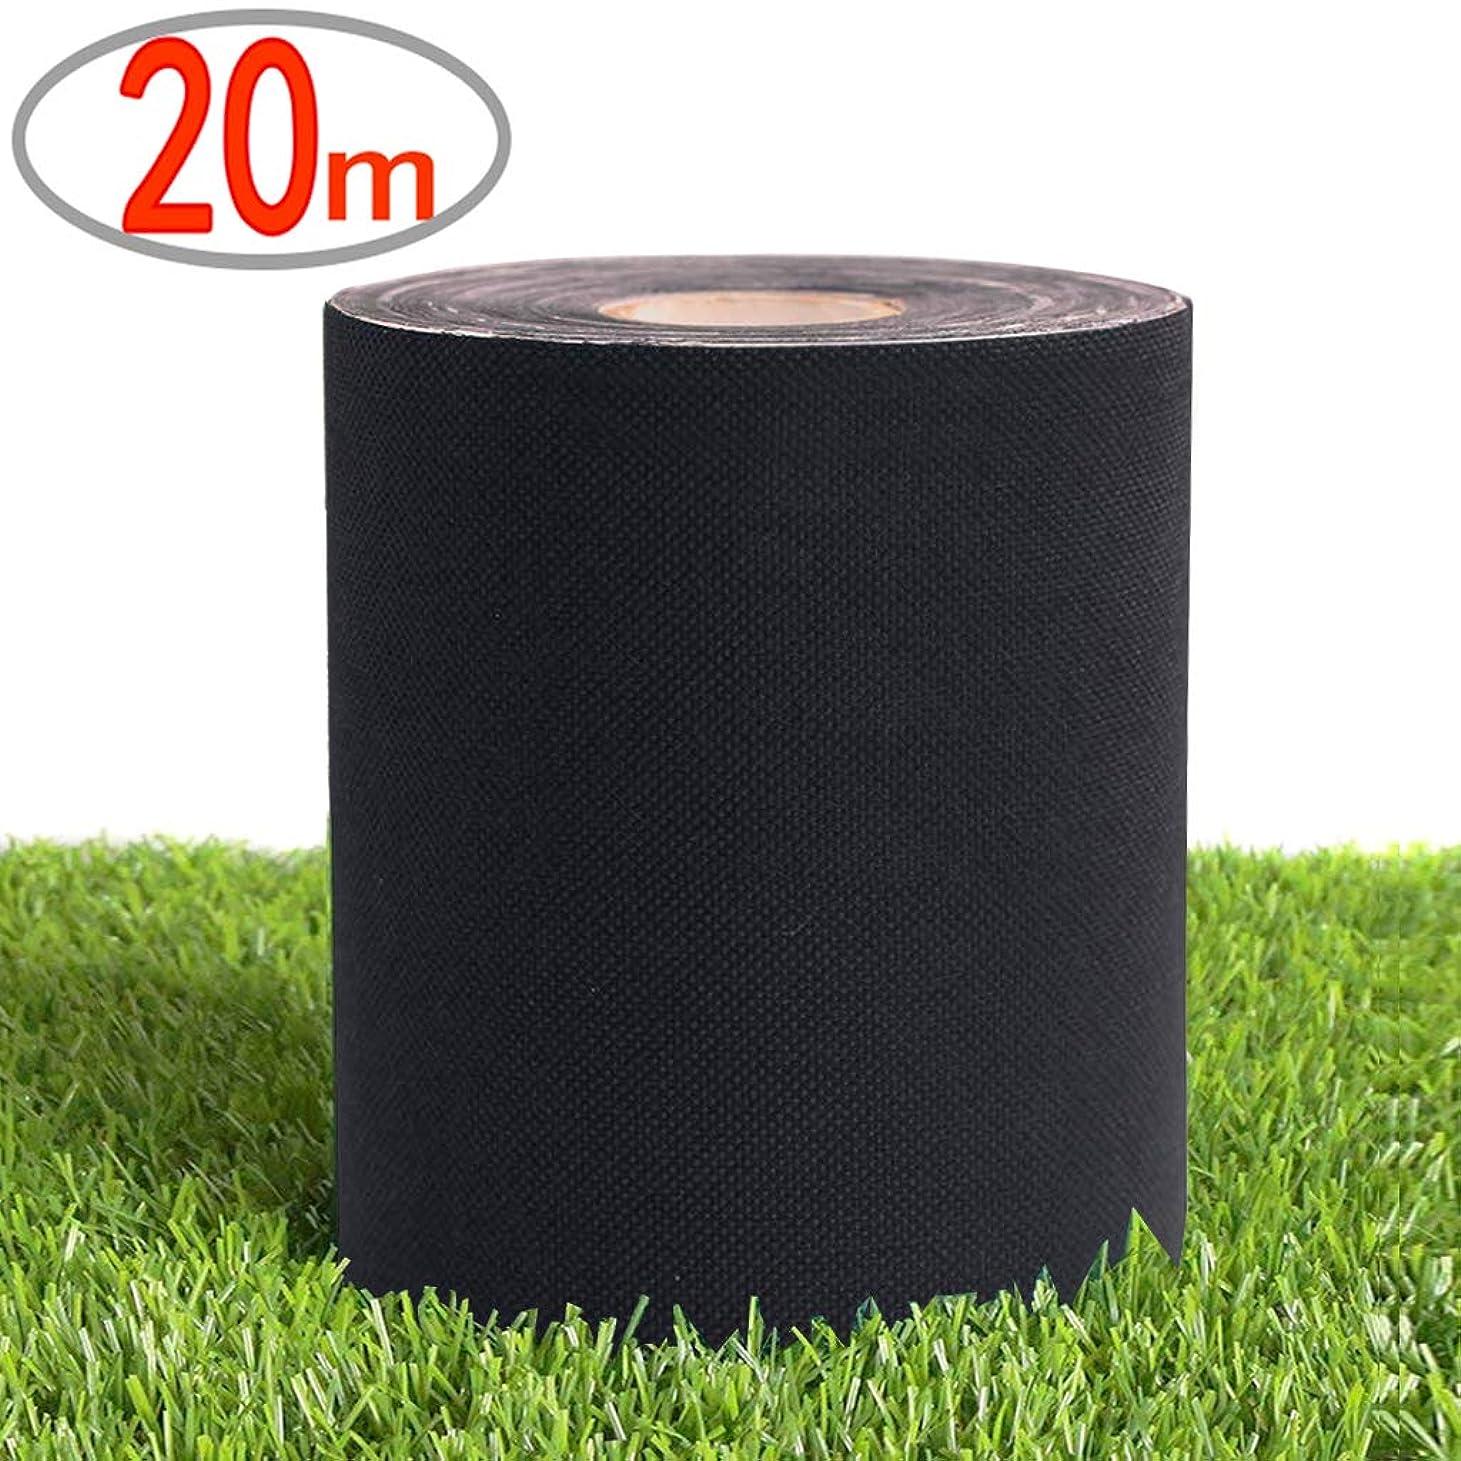 人工芝 テープ 人工芝 固定用 片面テープ 人工芝連結用 接続テープ 強力ワイドタイプ (20M, ブラック)